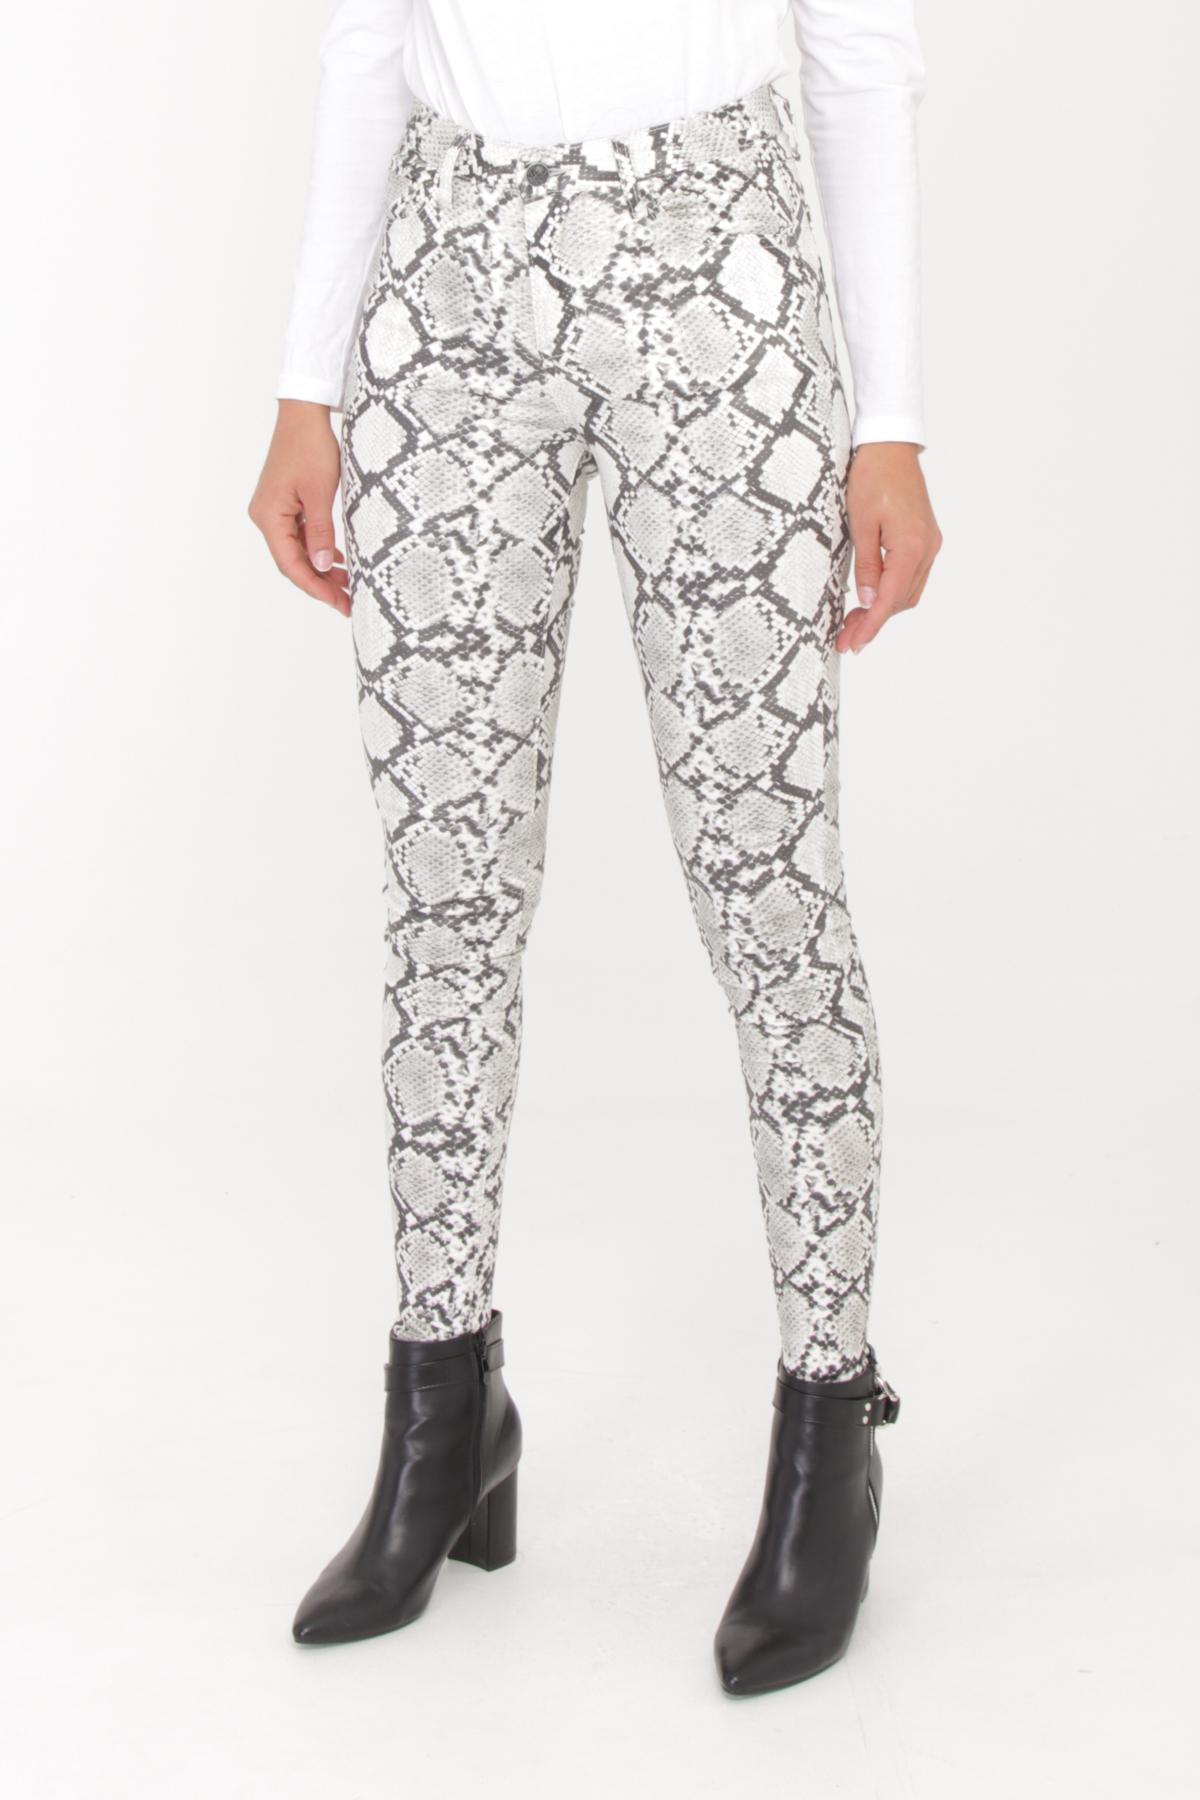 Käärmekuvioiset housut